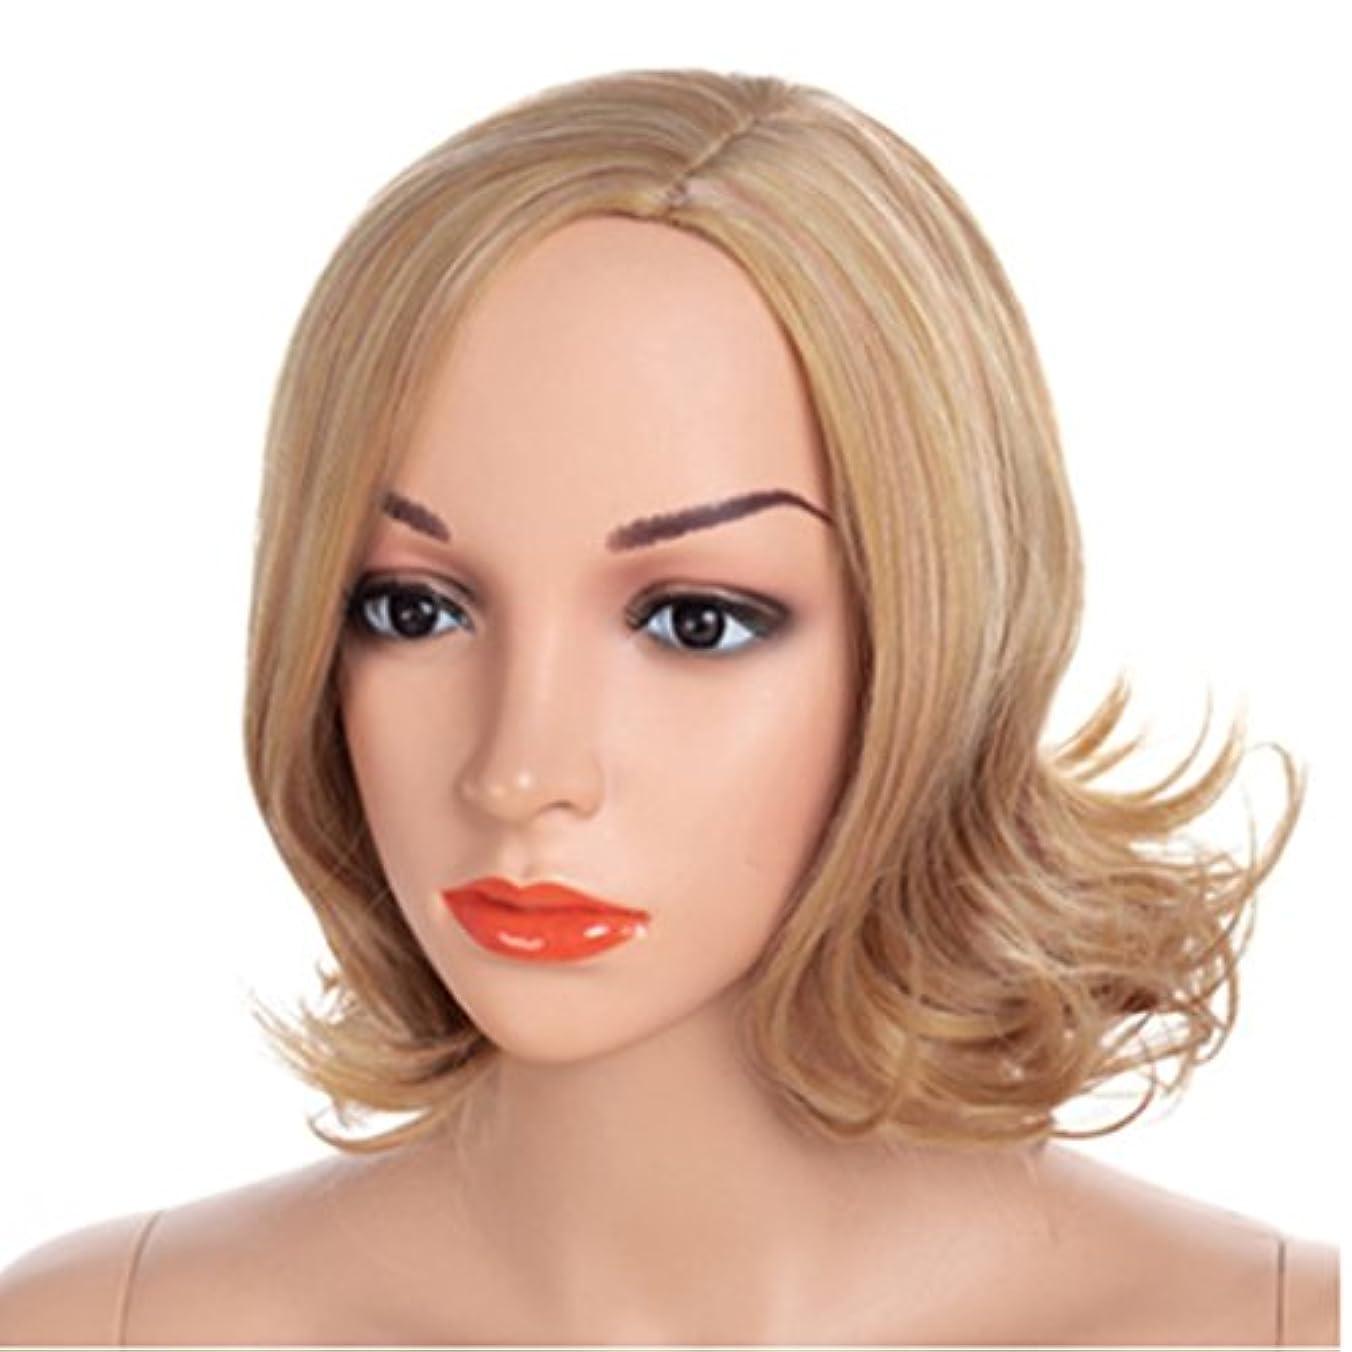 代わってジャベスウィルソン謎YOUQIU 顔ウィッグで変更することができ黄金の髪の色とAウィッグ髪型の40センチメートル女性のかつら髪型メッシー伐採 (色 : ゴールド)